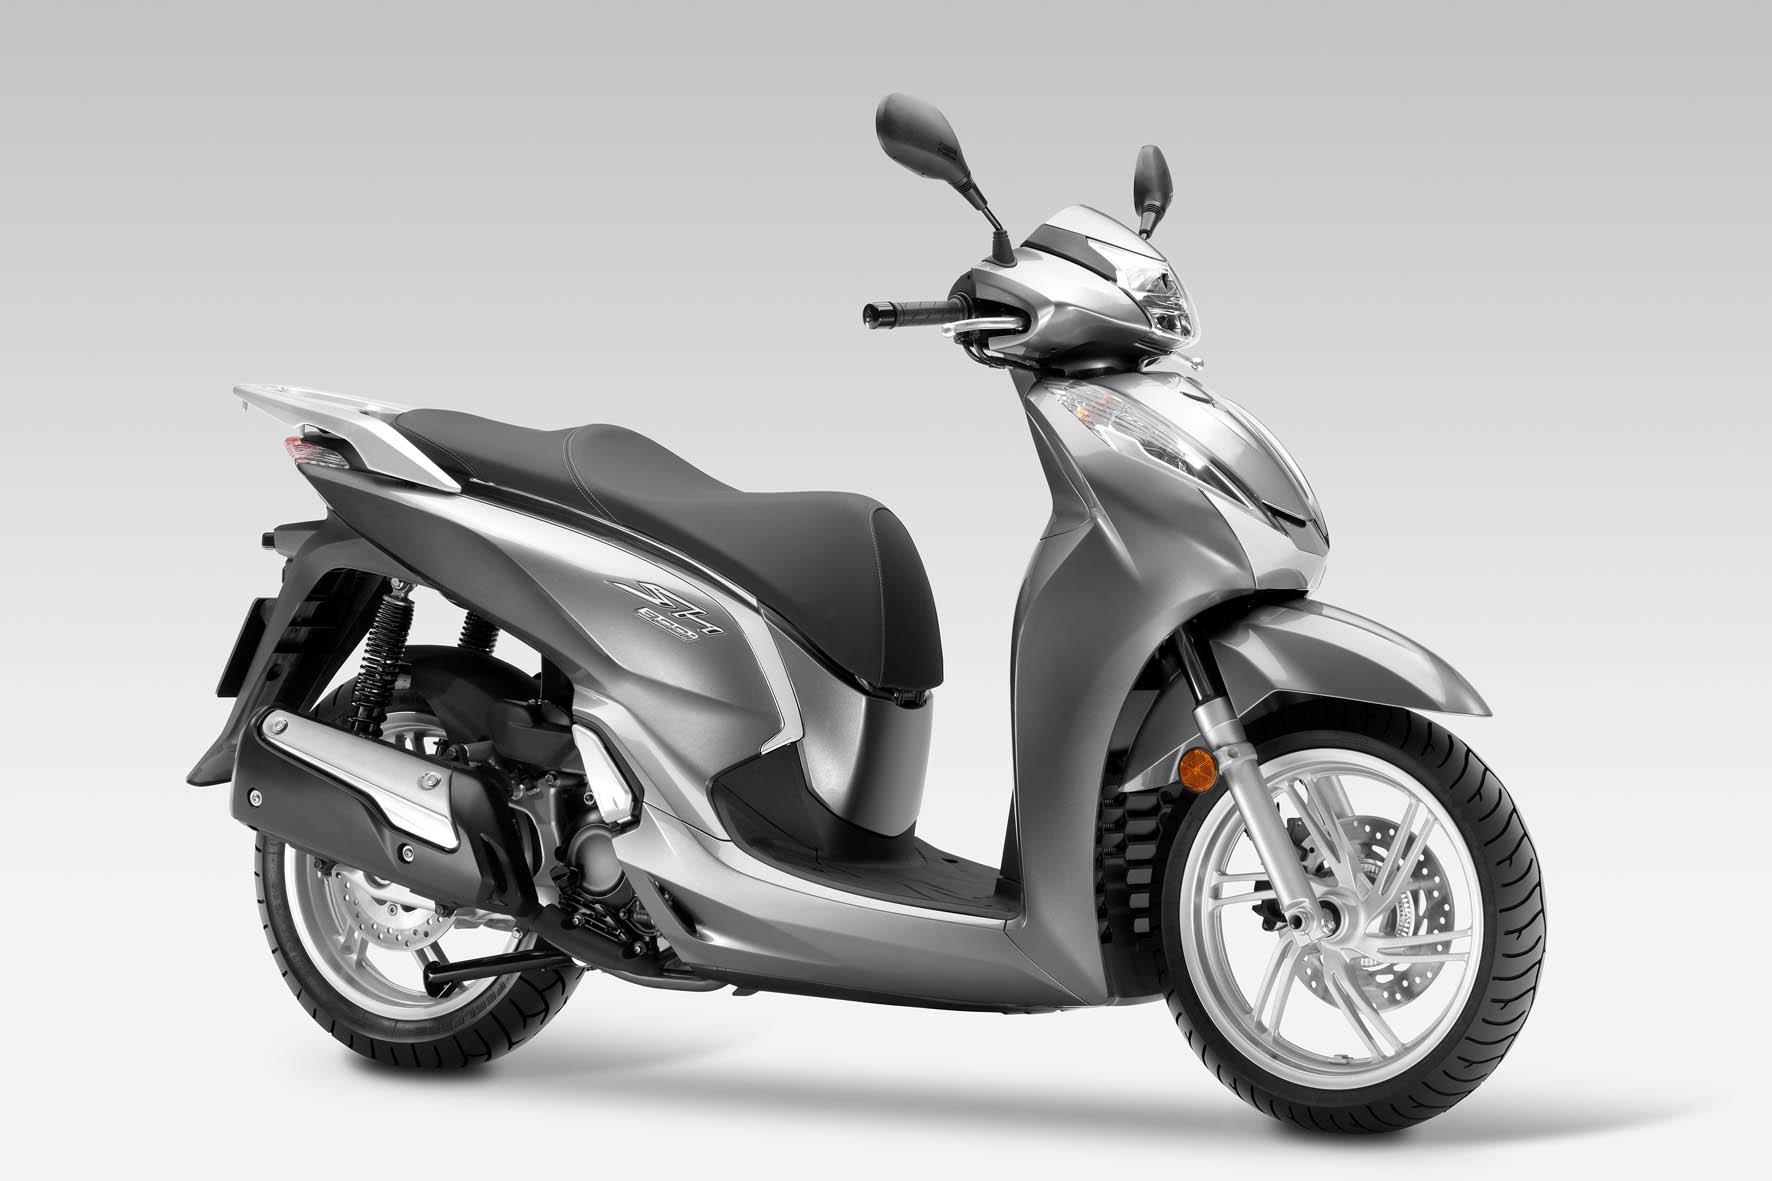 honda estuda trazer scooter de 300cc para o brasil blog da infomoto uol. Black Bedroom Furniture Sets. Home Design Ideas